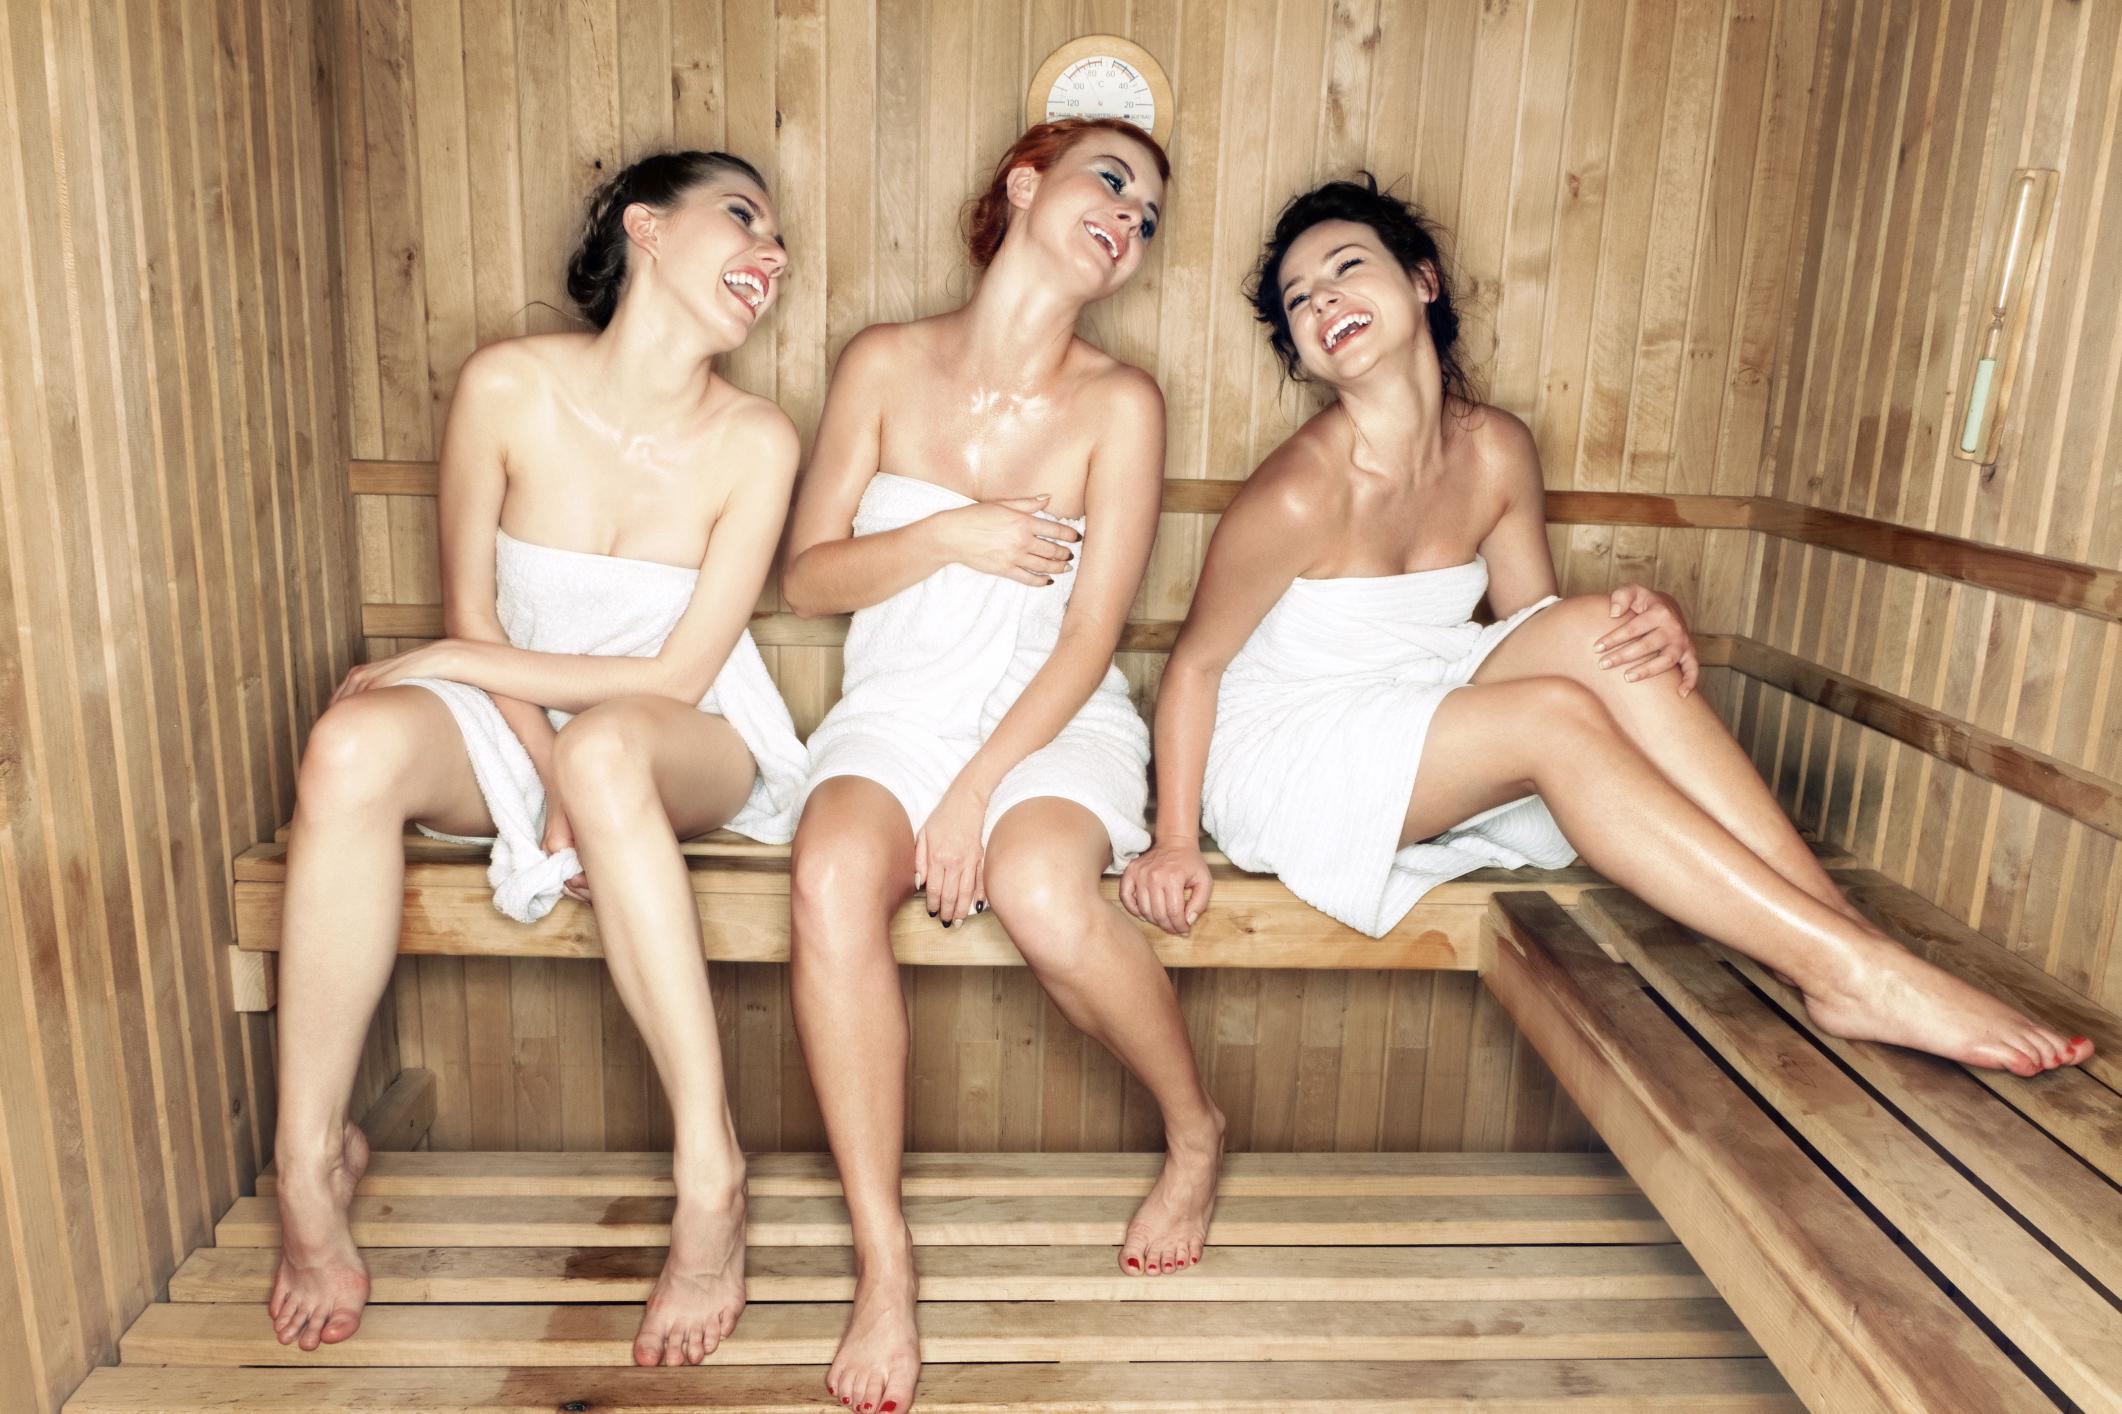 Фото женщин в банях 26 фотография